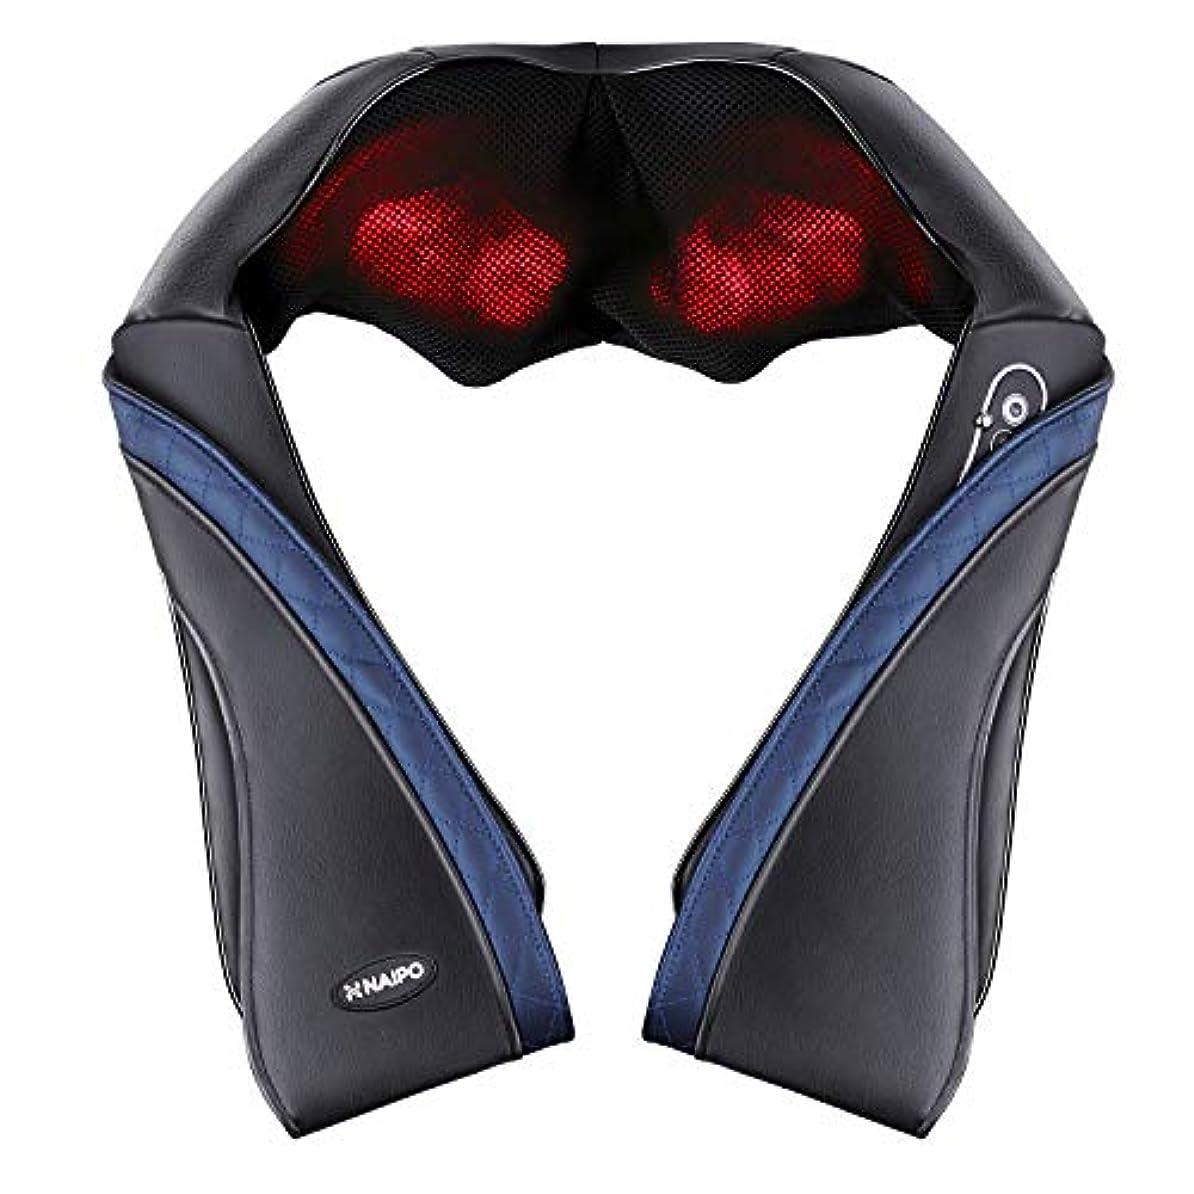 講義黒板不機嫌そうなNaipo 首マッサージャー ネック・ショルダーマッサージ 器 ヒーター付き 首・肩・腰・背中・太もも 肩こり ストレス解消 家庭用&職場用&車用 温熱療法